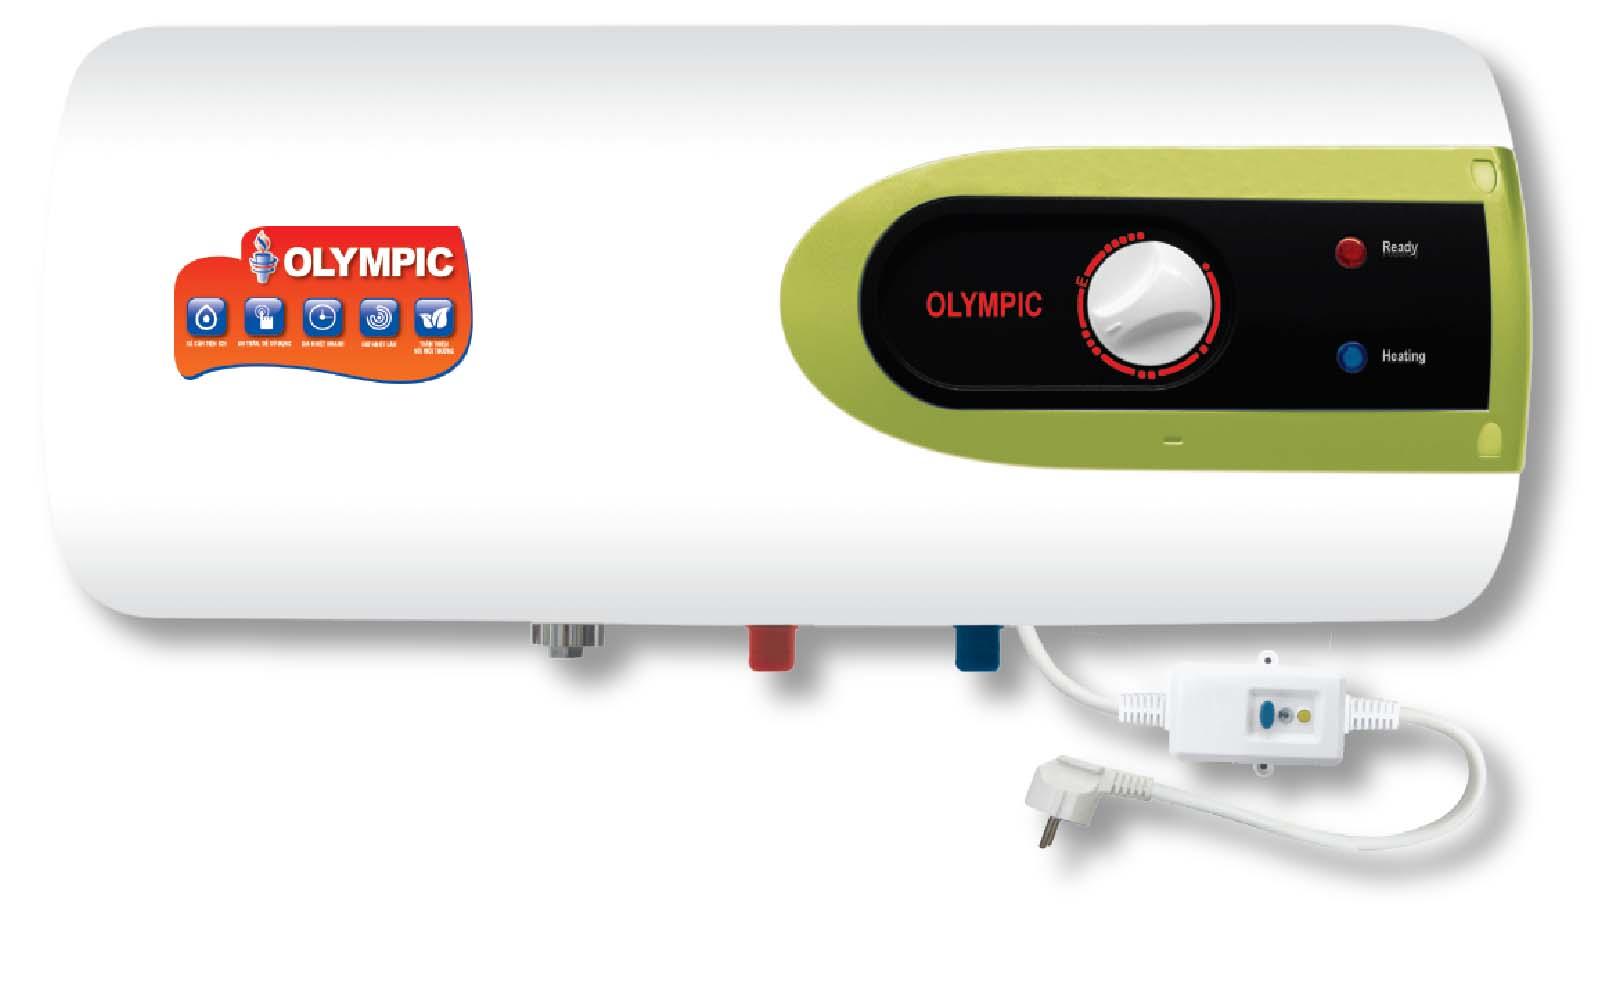 sửa chữa bình nóng lạnh Olympic